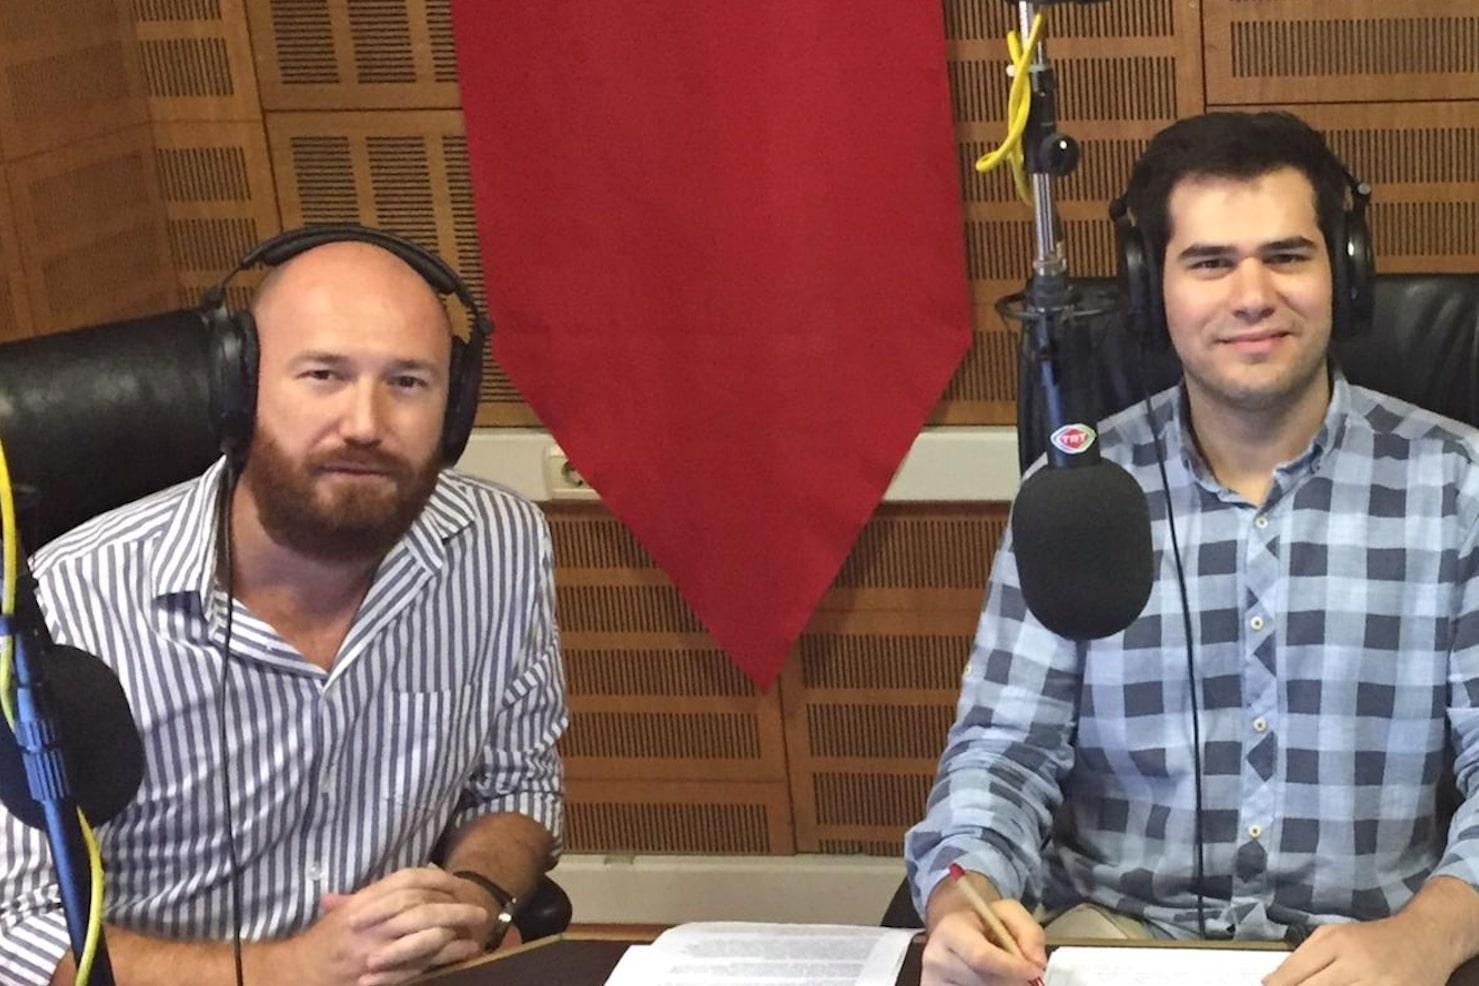 Ozan Arslan TRT Radyo sabah haberlerinde AB Konseyi zirve gündemini değerlendirdi